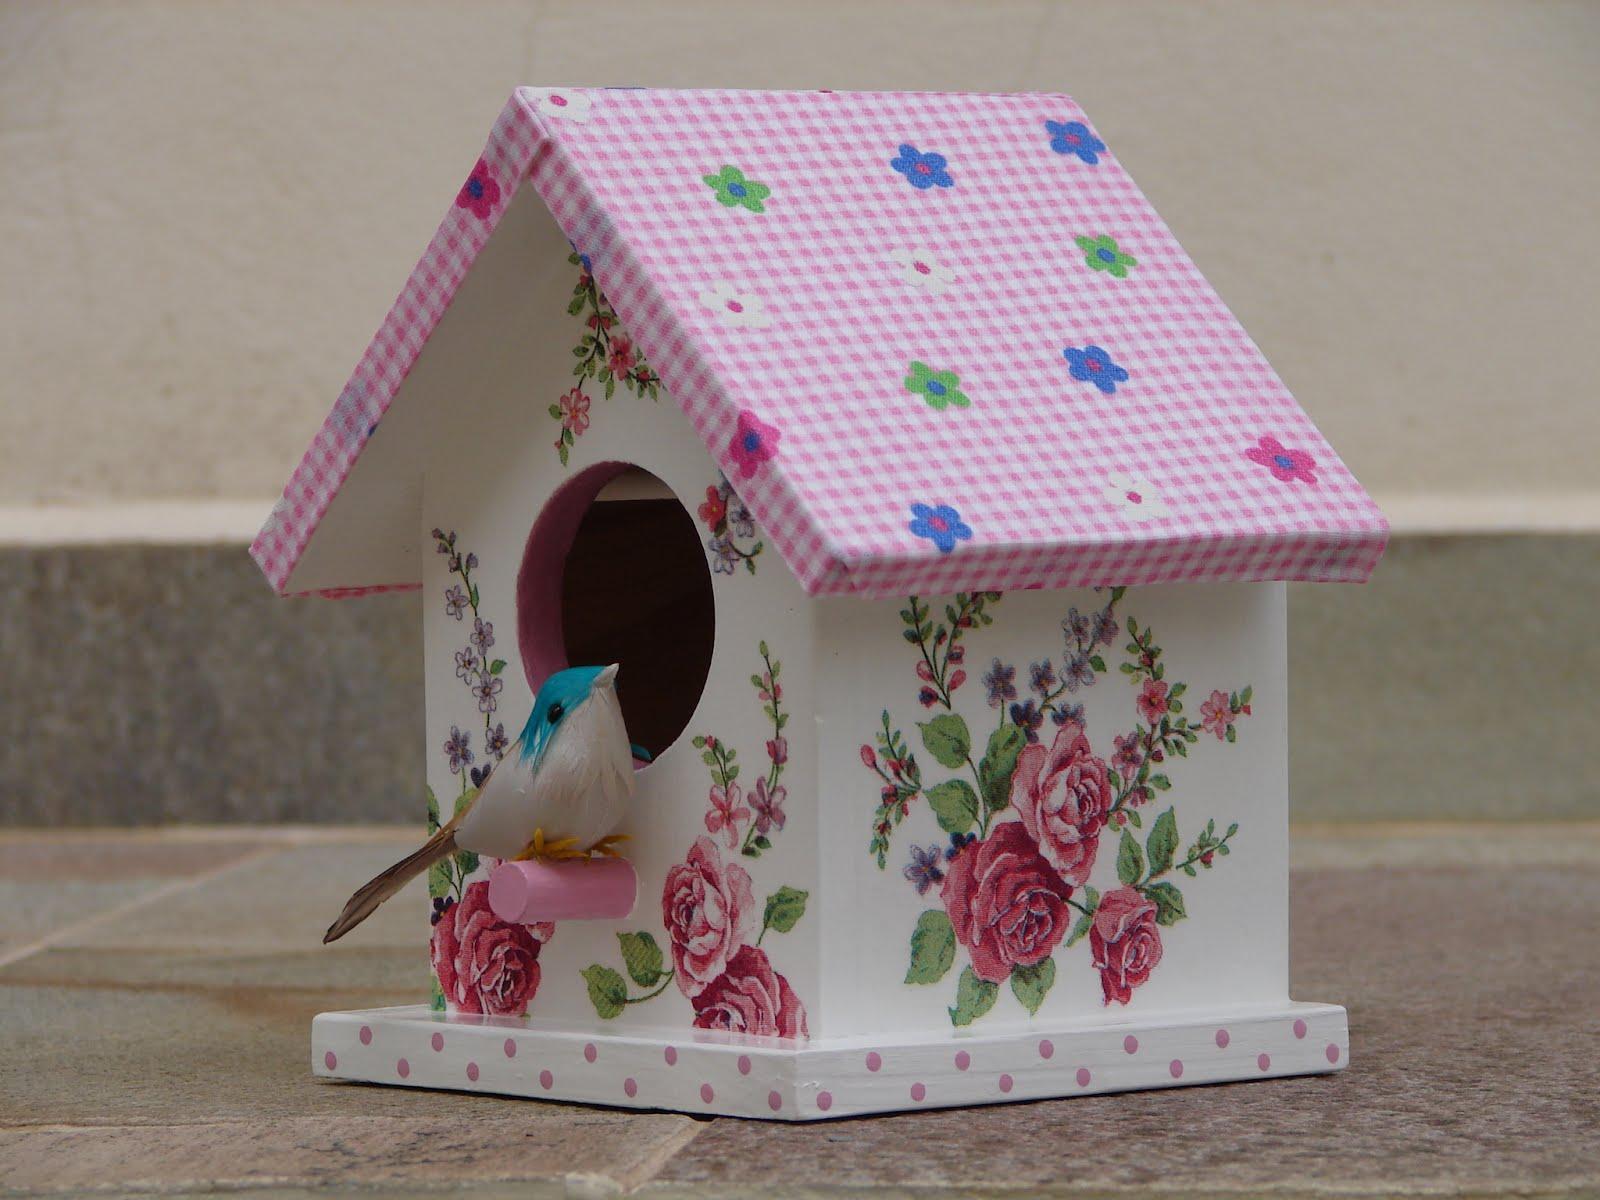 Bell'Arte Arte em madeira e tecido: Casinha de Passarinho Floral  #854675 1600x1200